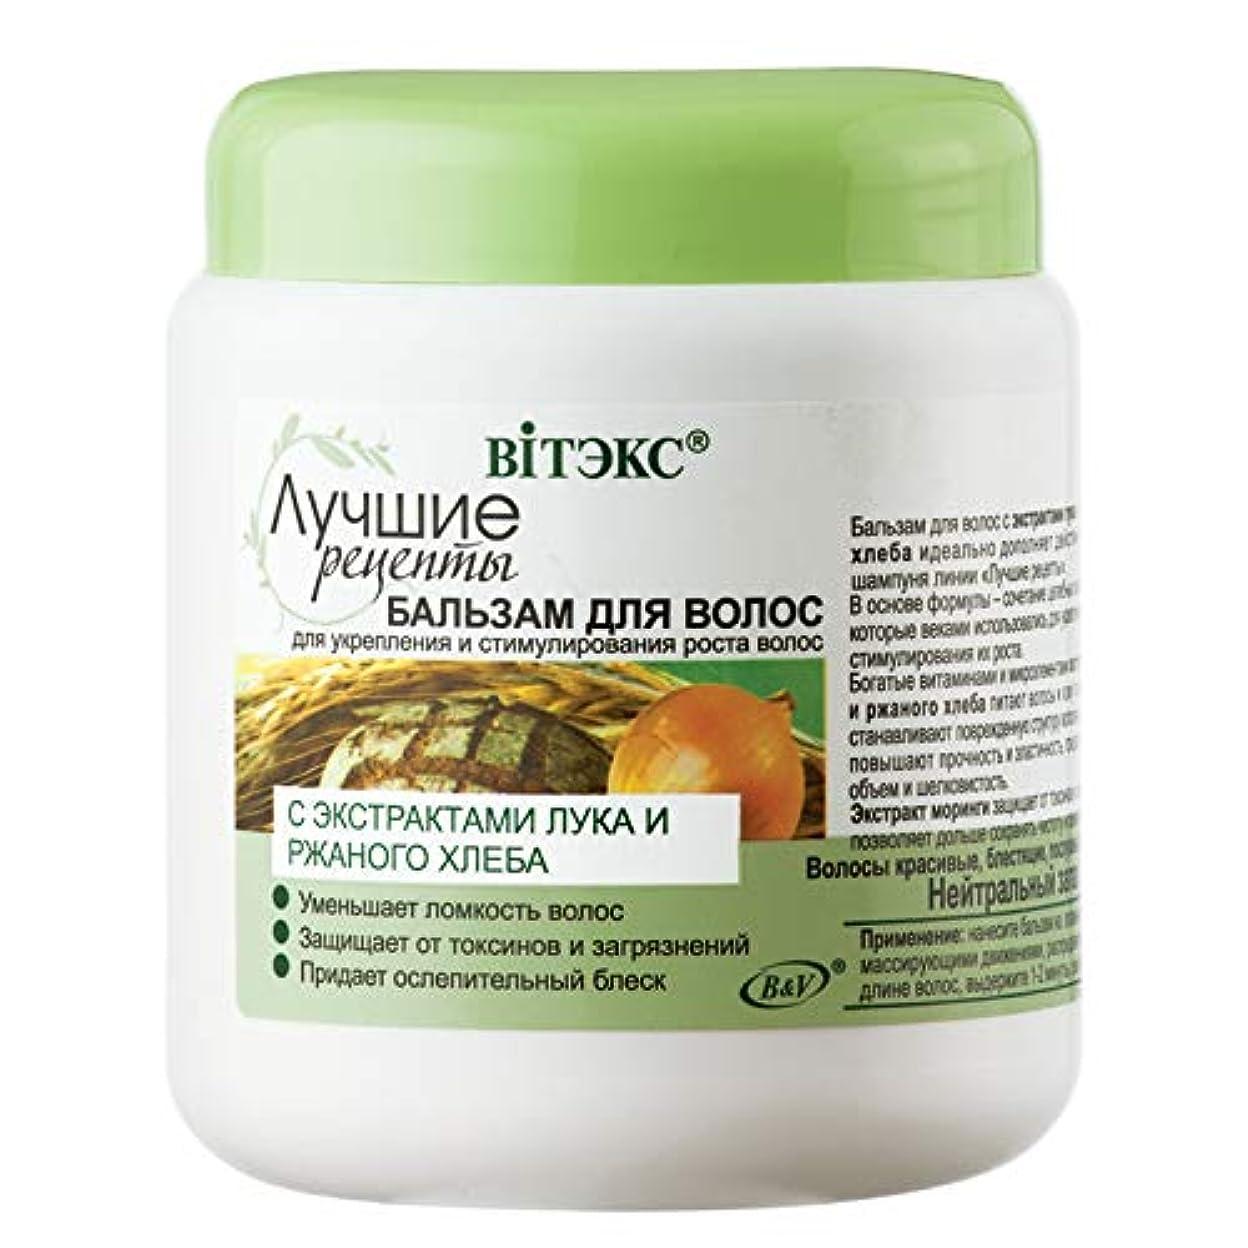 場所スカウトピービッシュBielita & Vitex Best Recipes Line | Strengthening & Hair Balm for All Hair Types, 450 ml | Moringa Extract, Onion...